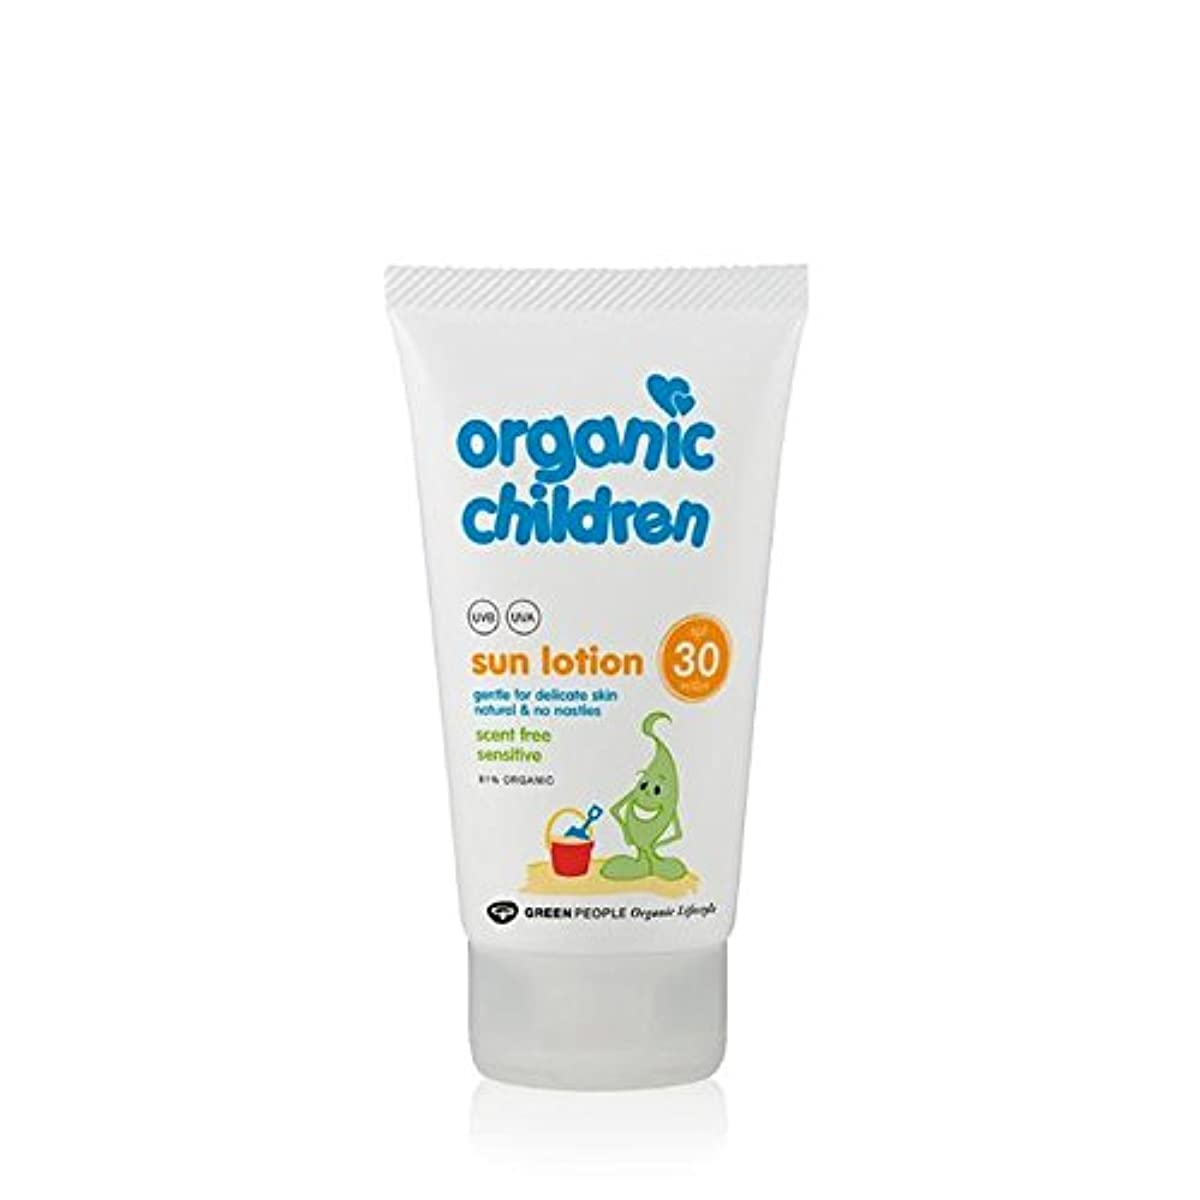 胚芽かみそりペダル有機子ども30の香り無料のサンローション150 x2 - Organic Children SPF30 Scent Free Sun Lotion 150ml (Pack of 2) [並行輸入品]